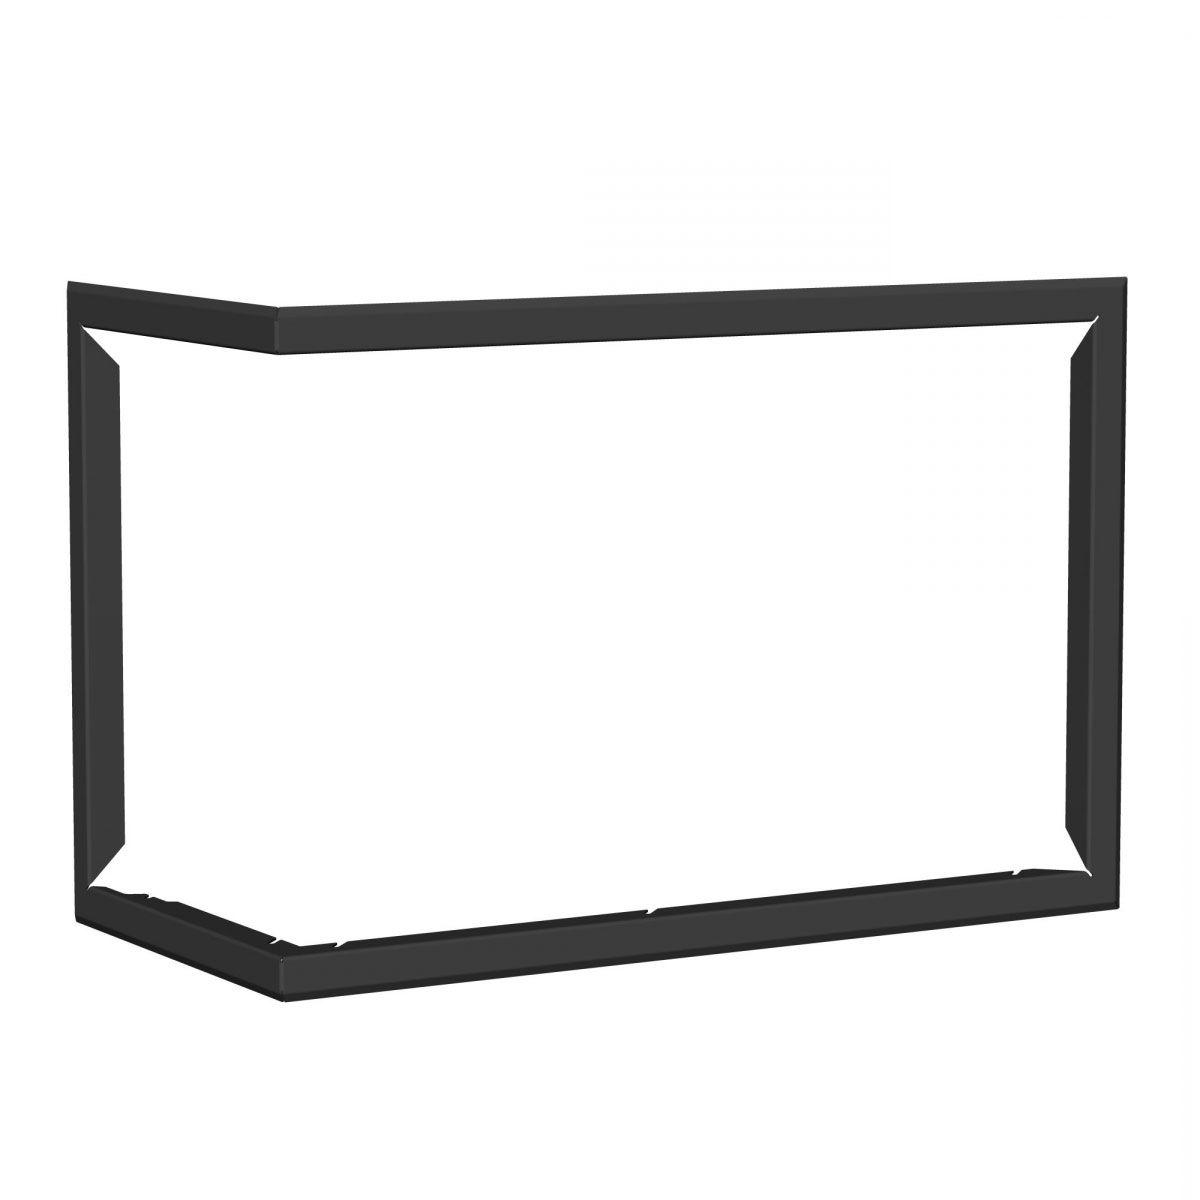 Blendrahmen für Kaminofen Avolis - Ausführung: Links - Farbe: Schwarz